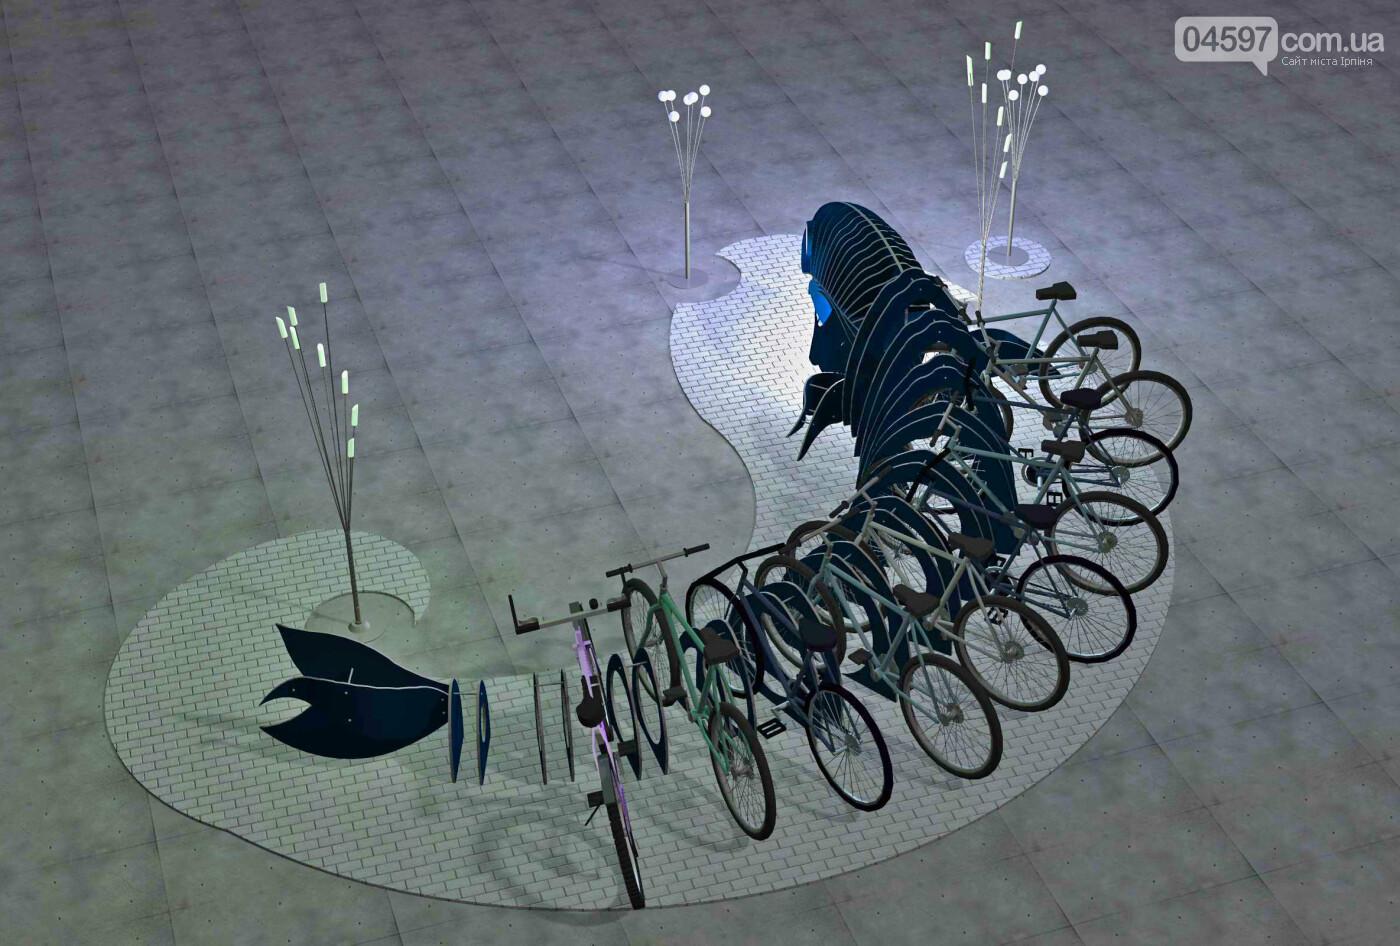 Ірпінчани хочуть стоянки для велосипедів та скутерів на залізничному вокзалі Ірпеня, фото-1